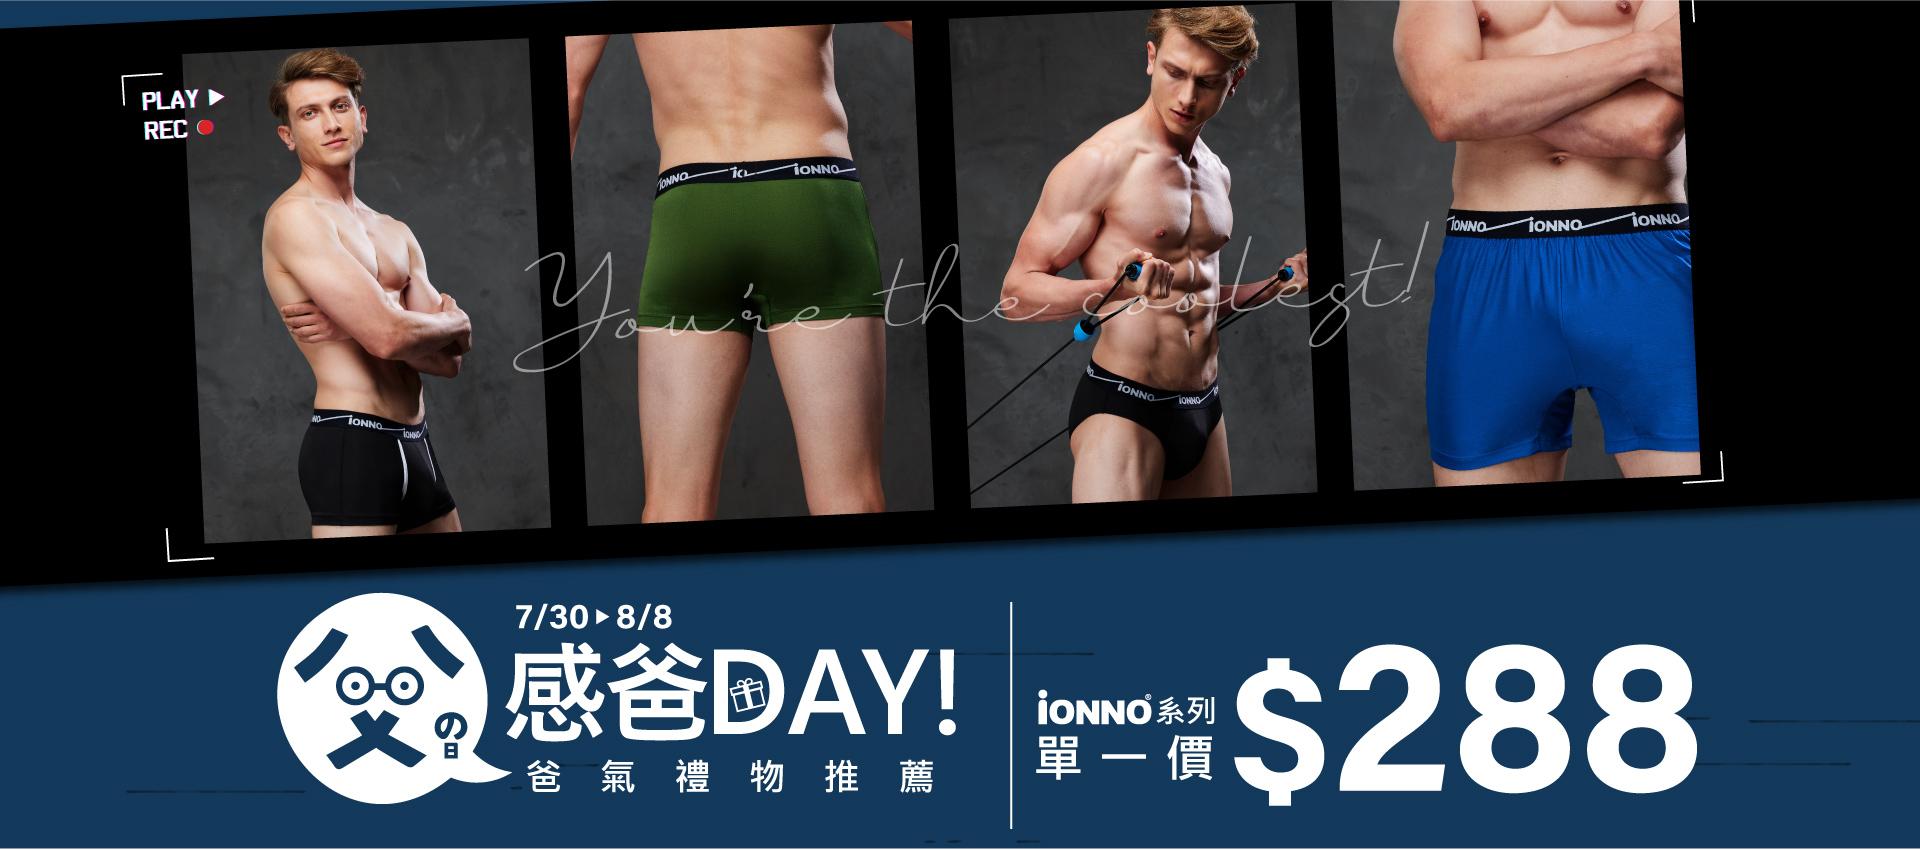 感爸DAY-男褲均價$288